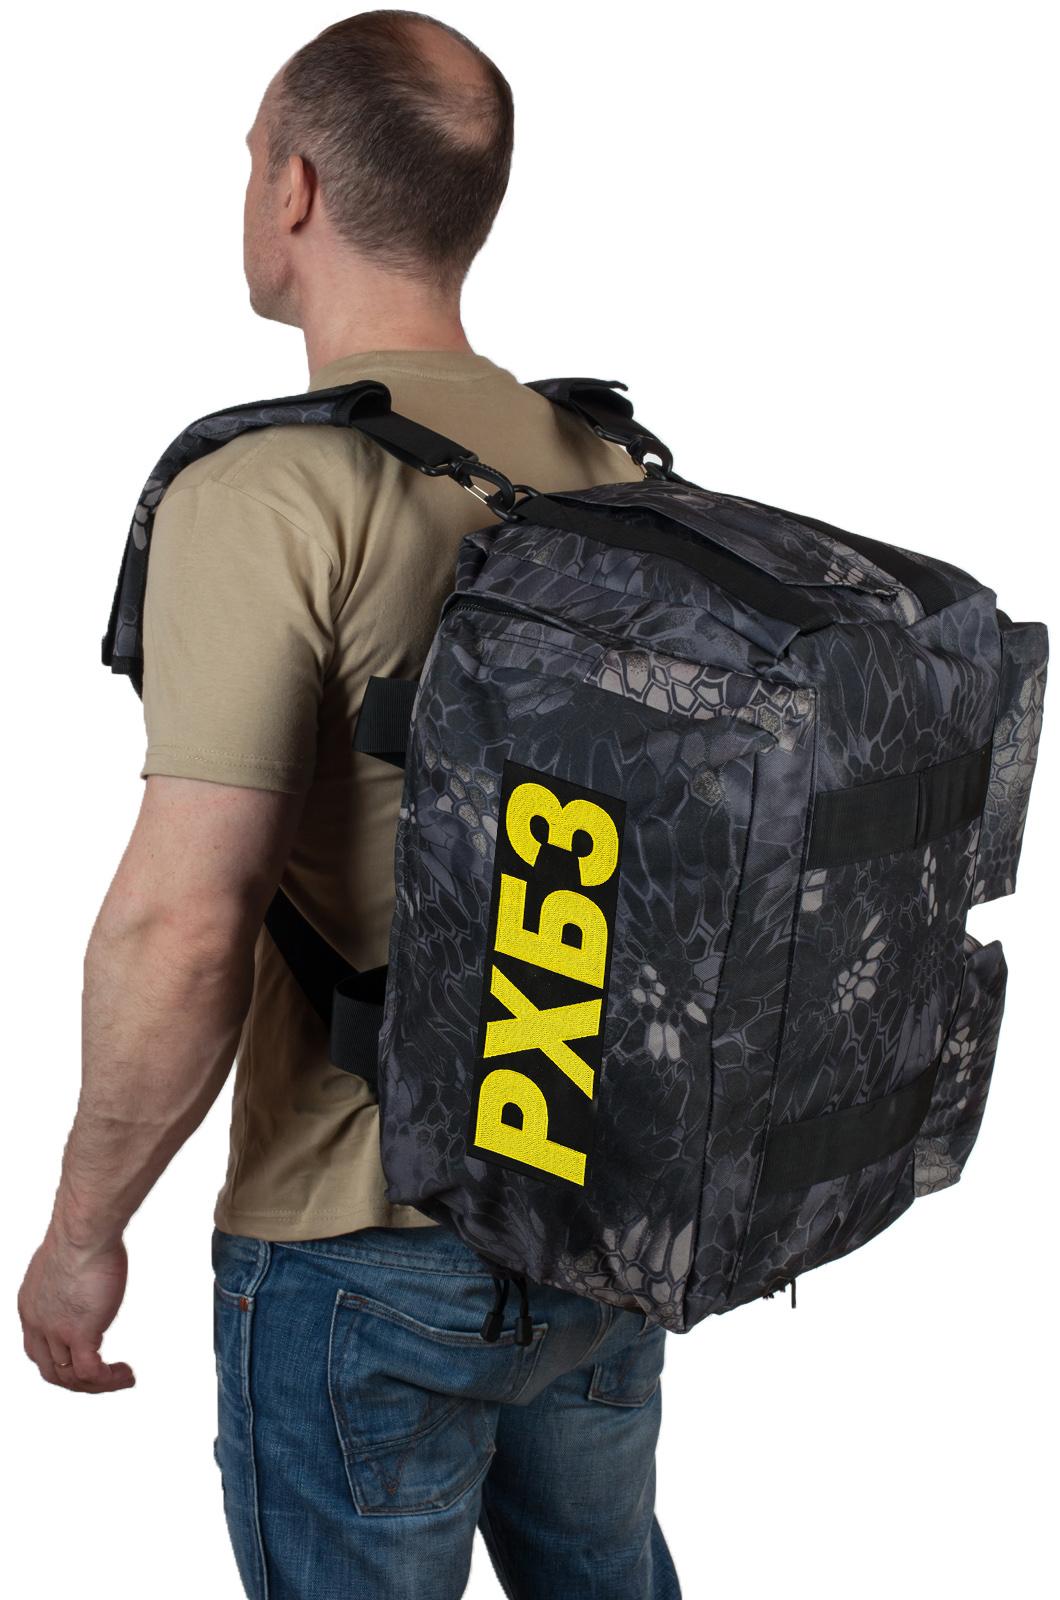 Купить тактическую заплечную сумку РХБЗ с доставкой онлайн